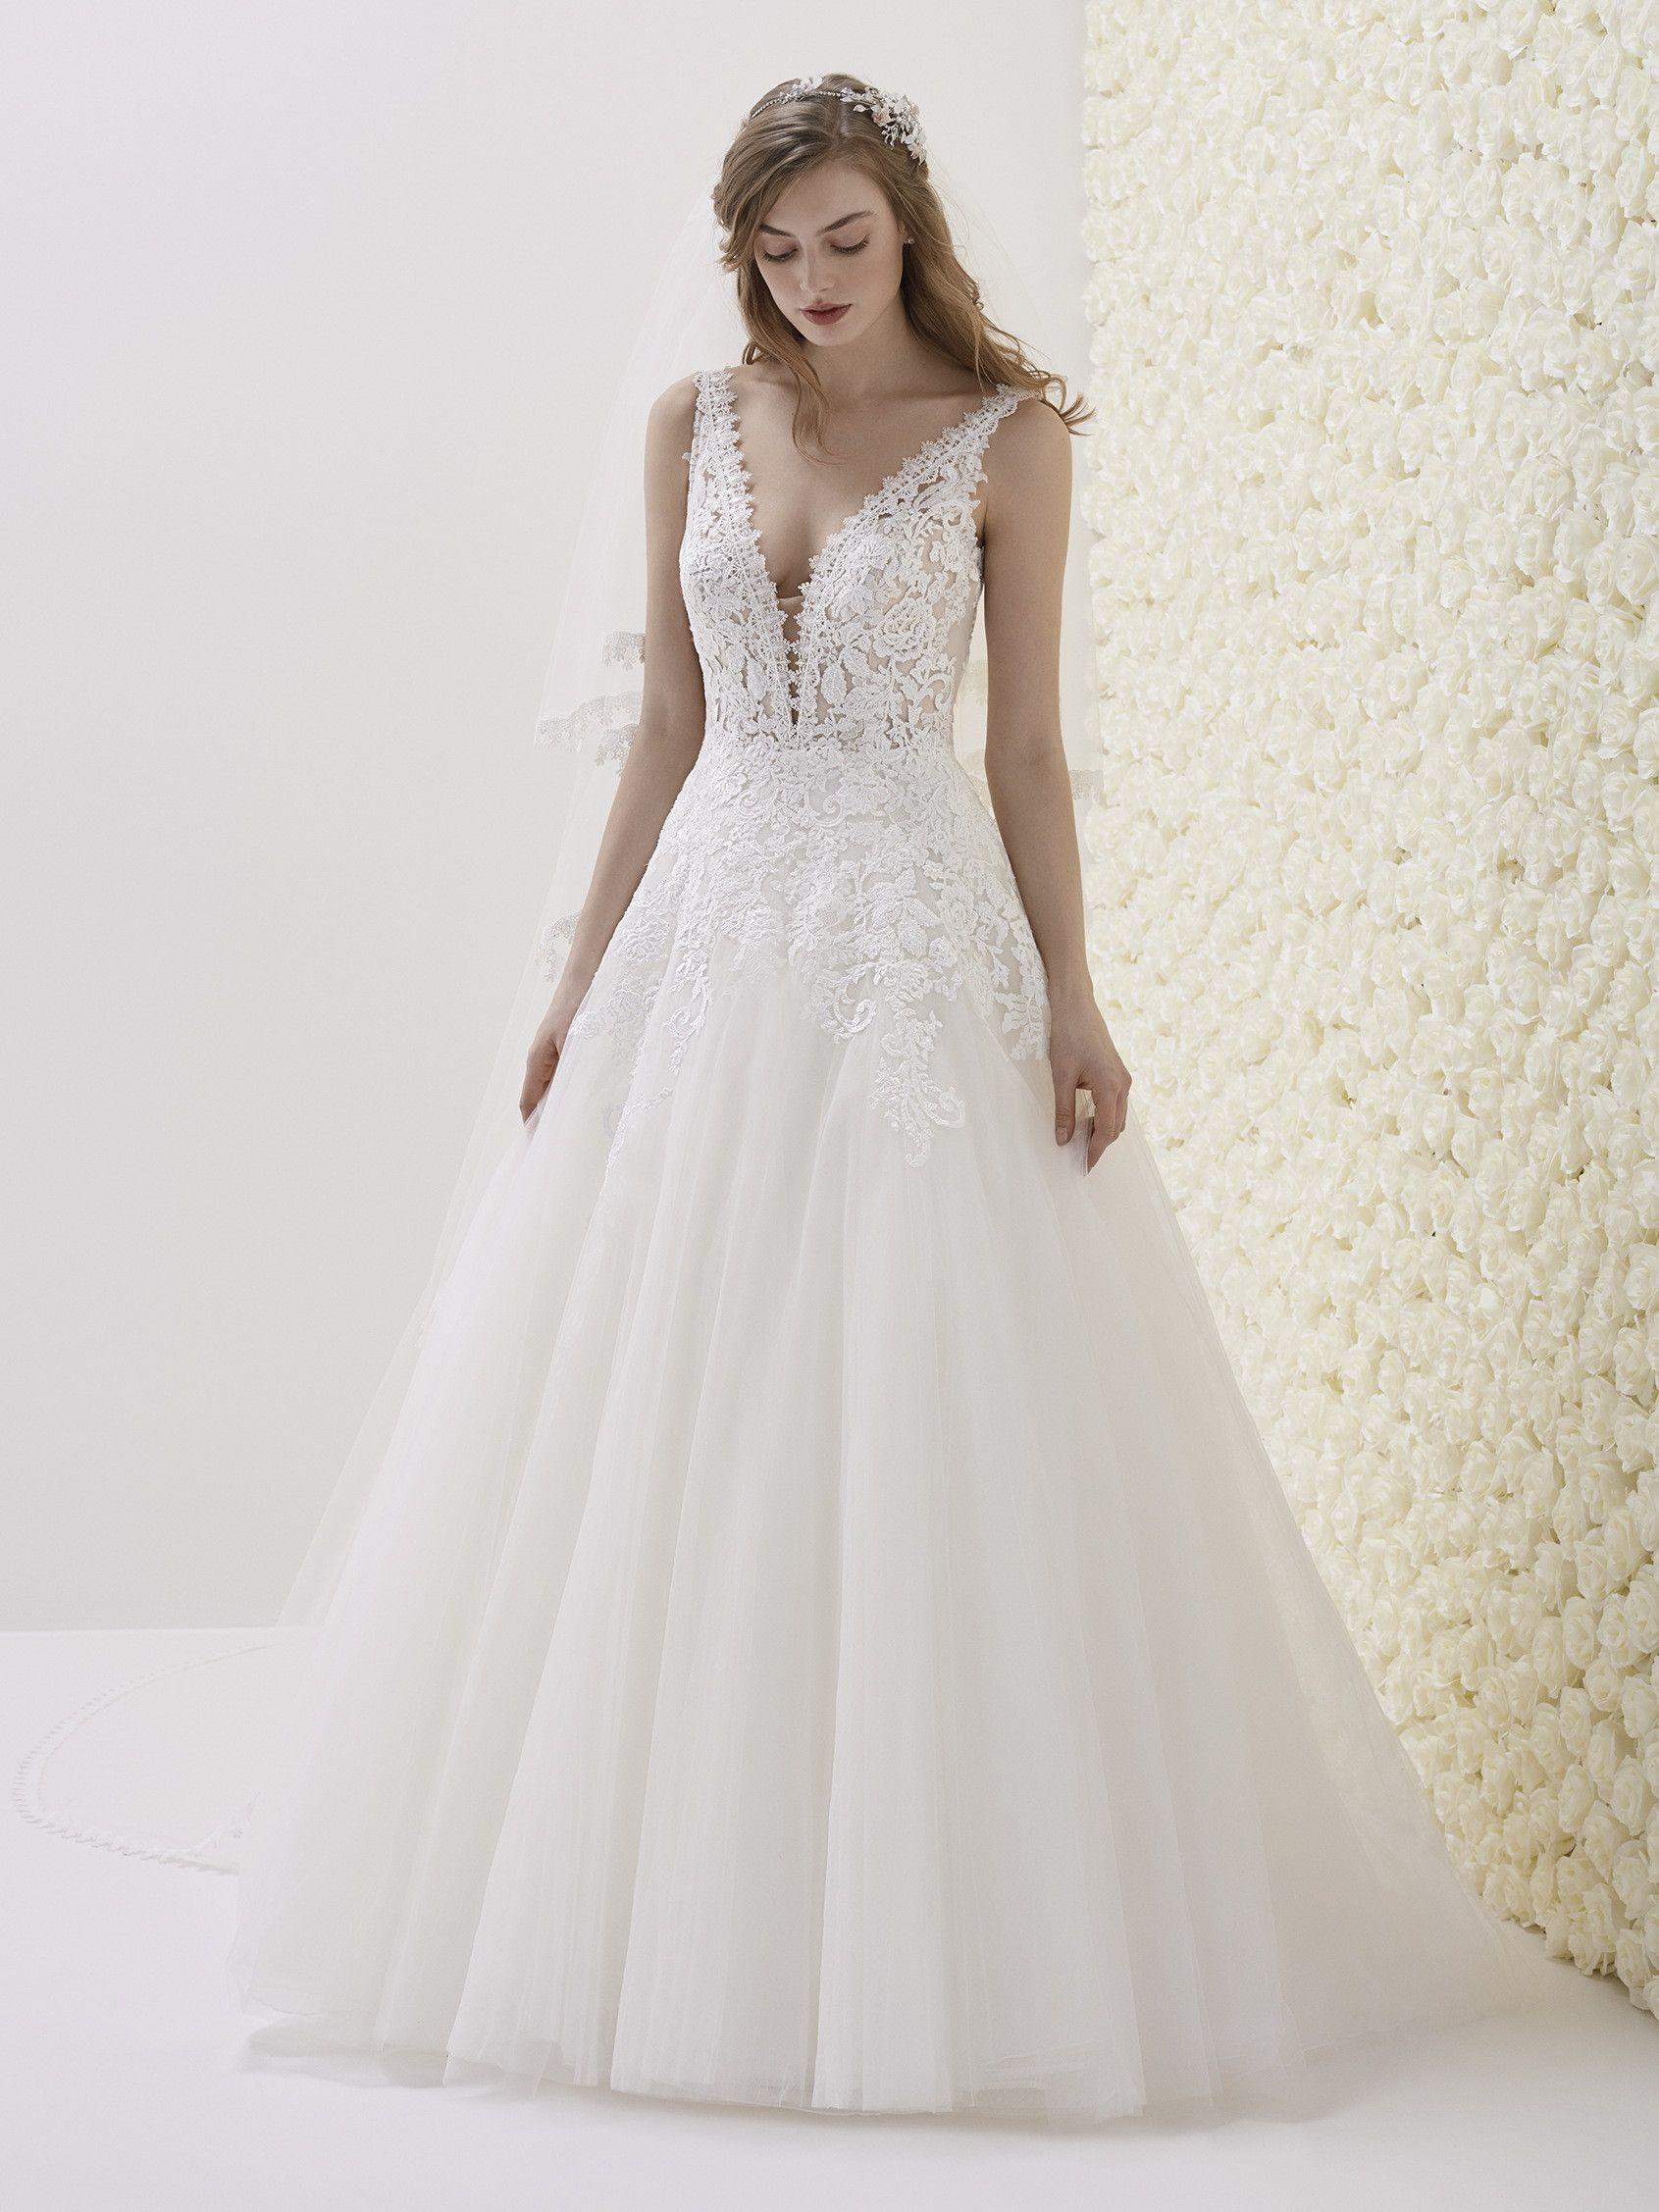 Wunderschönes Brautkleid im Prinzessin-Stil aus der La Sposa